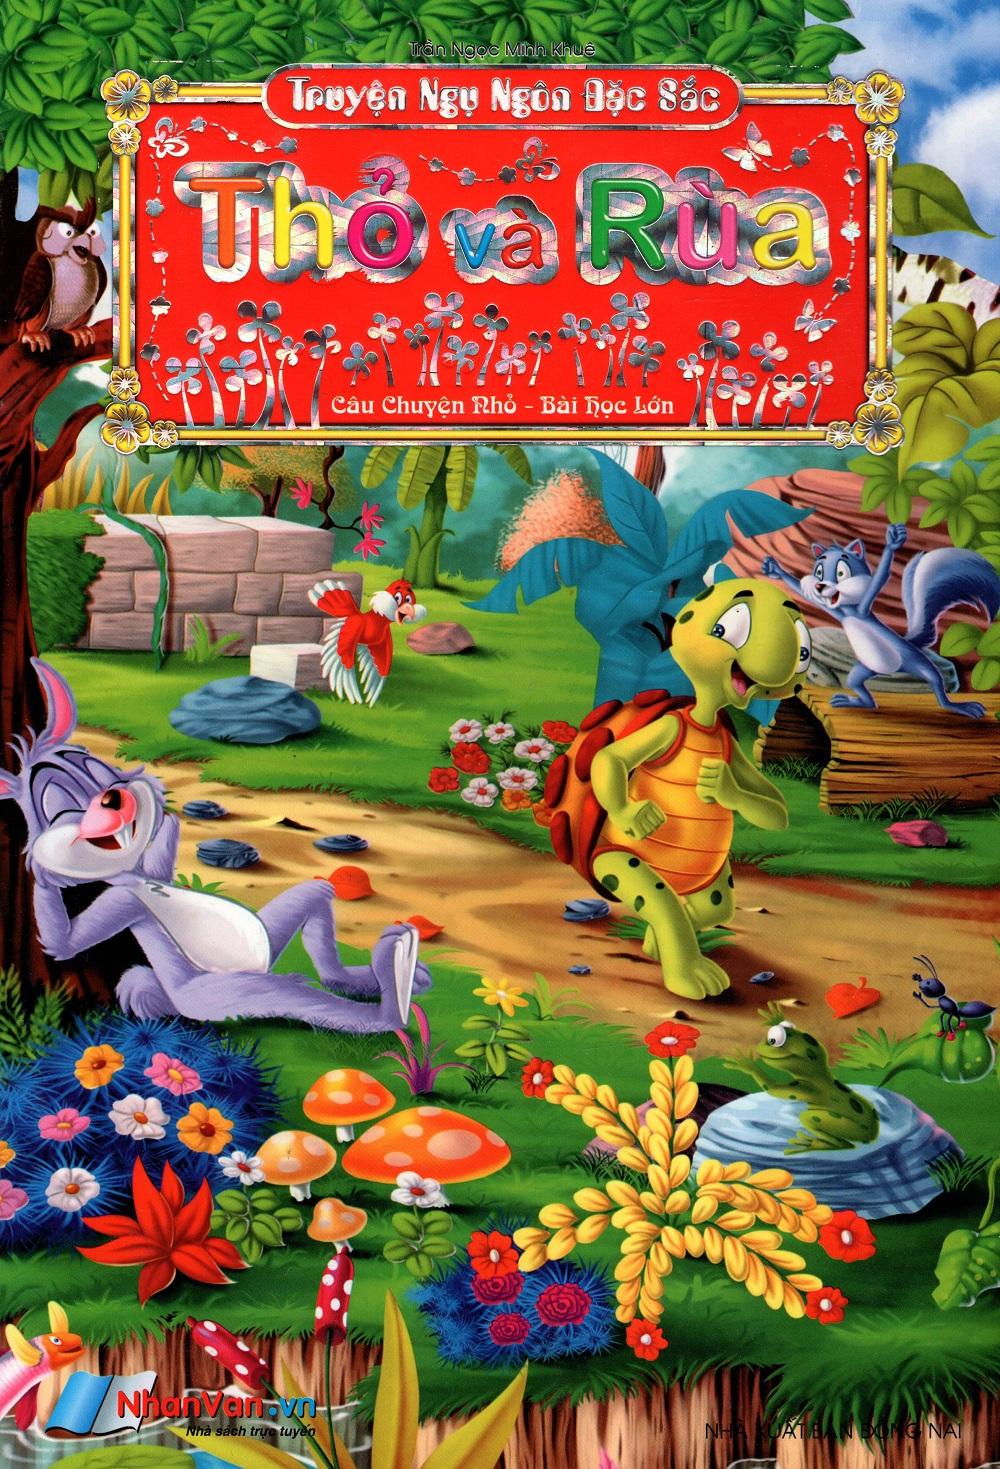 Bìa sách Truyện Ngụ Ngôn Đặc Sắc (Câu Chuyện Nhỏ - Bài Học Lớn) - Thỏ Và Rùa